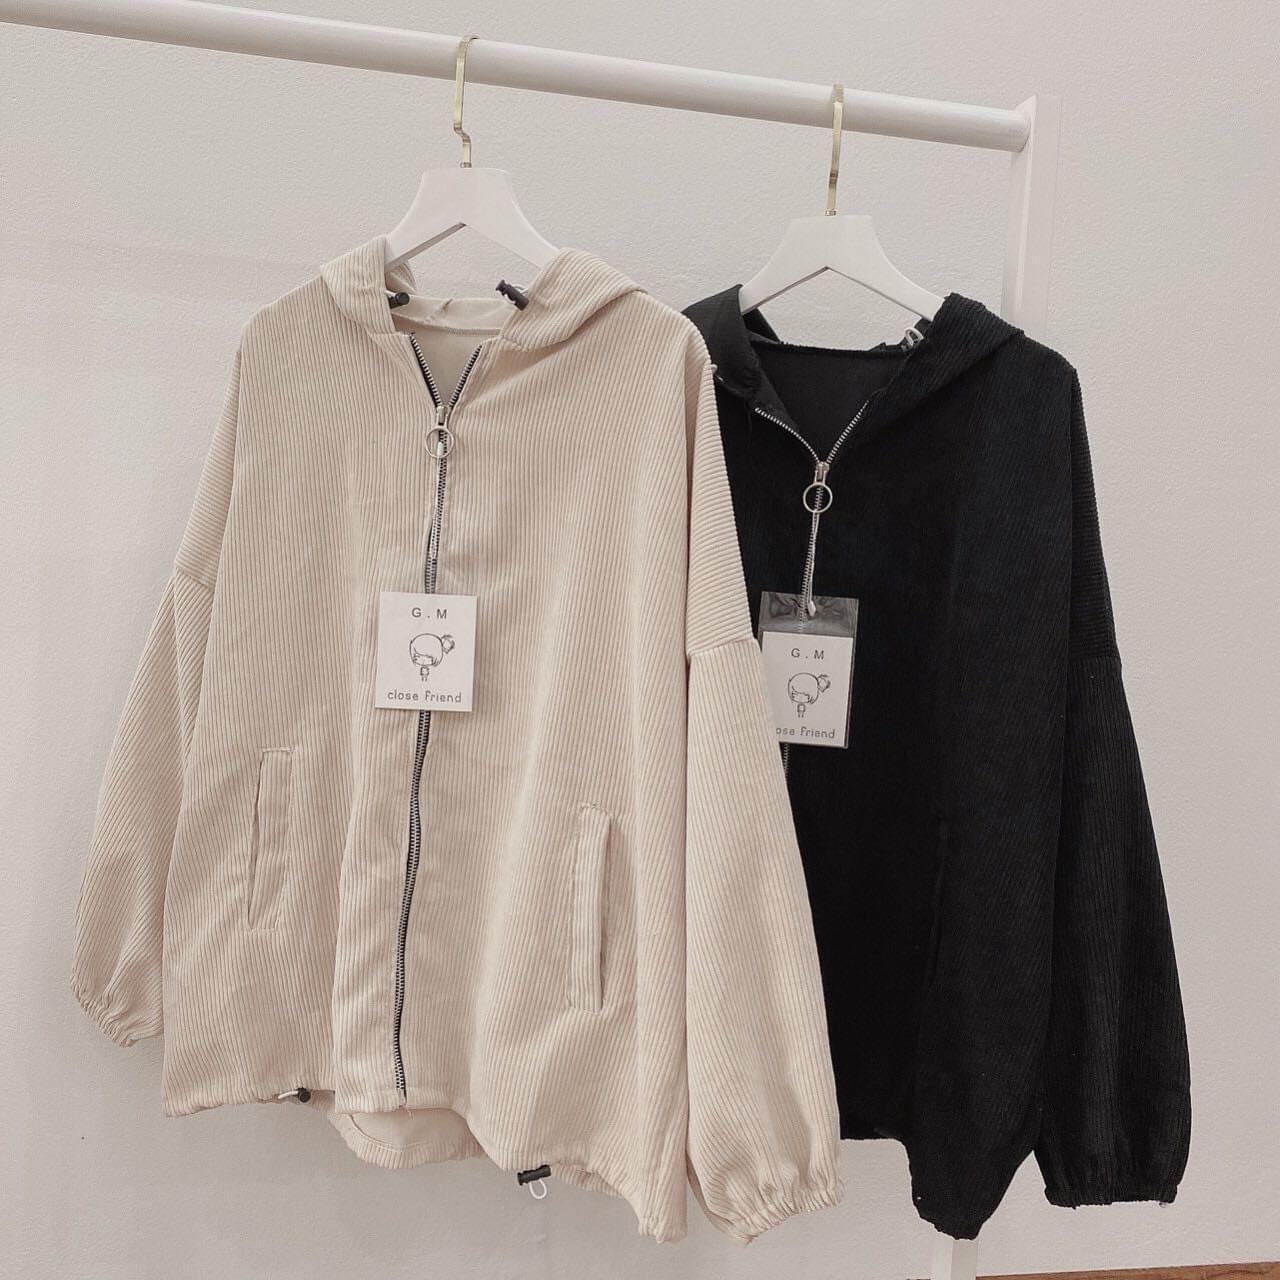 Áo khoác nhung nữ , áo khoác nữ chống nắng chống lạnh tốt , vải nhung dày , mịn